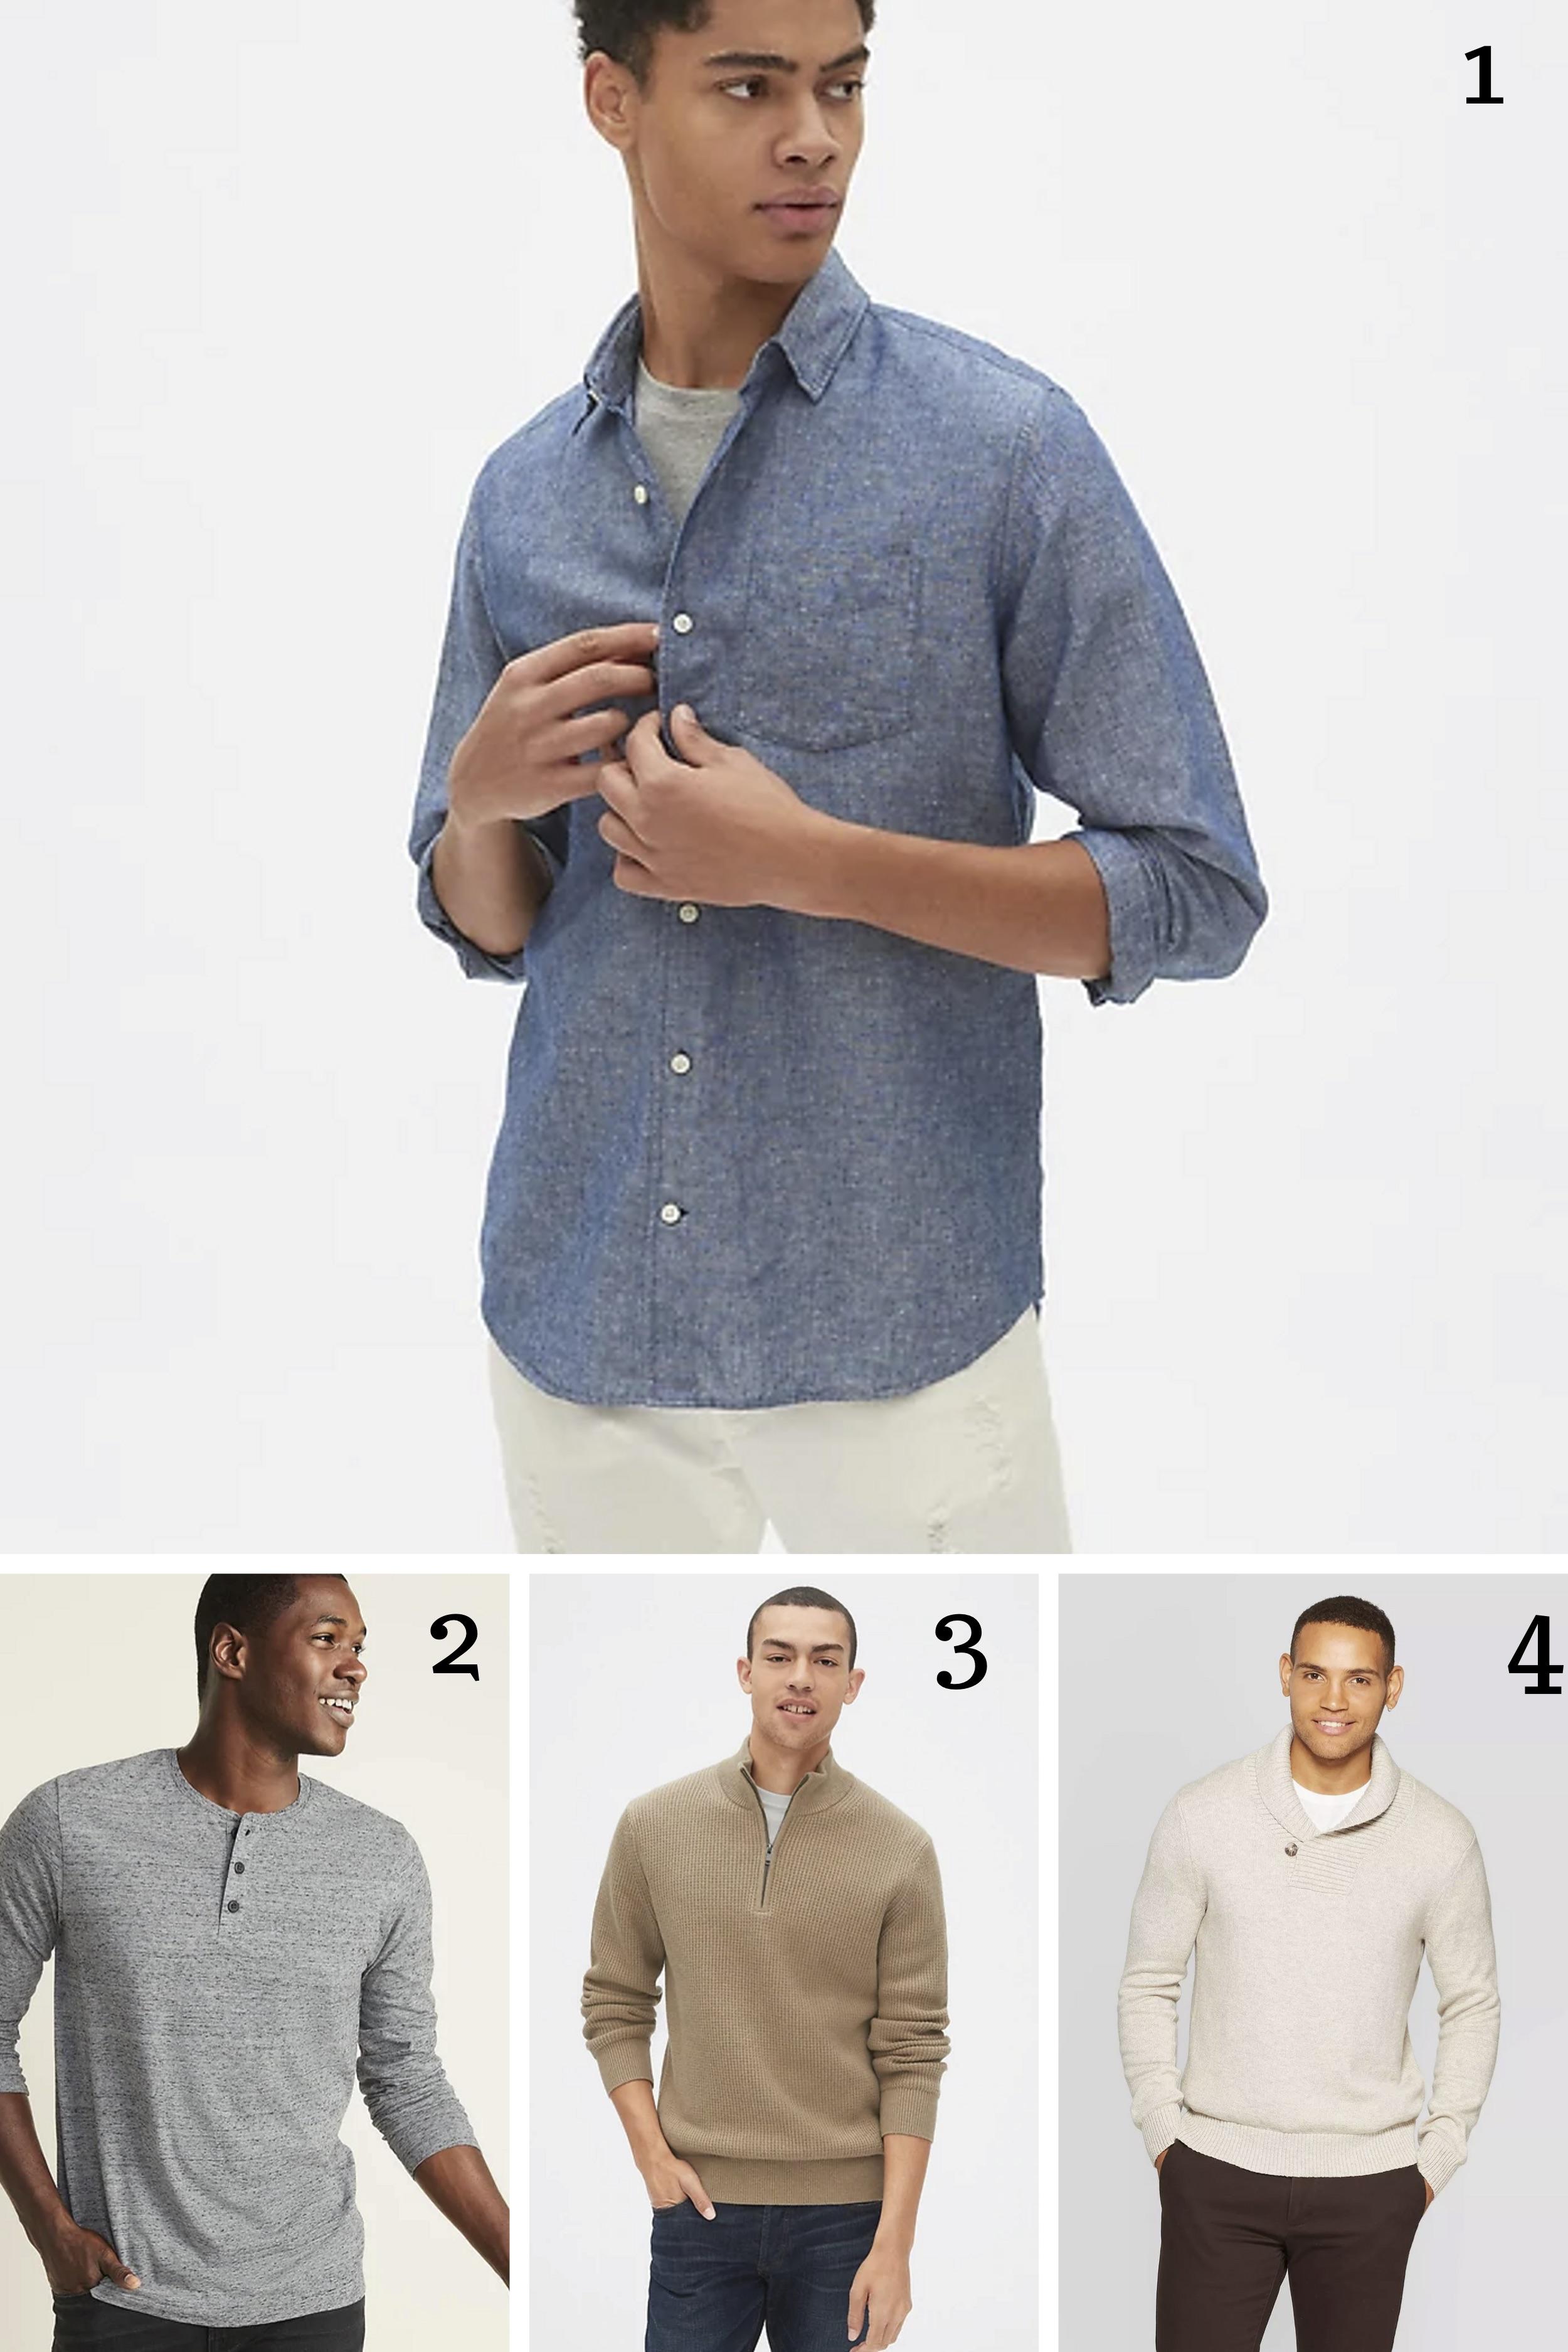 1.  Linen cotton shirt  || 2.  Henley Shirt  || 3.  Quarter Zip sweater  || 4.  Mock collar sweater